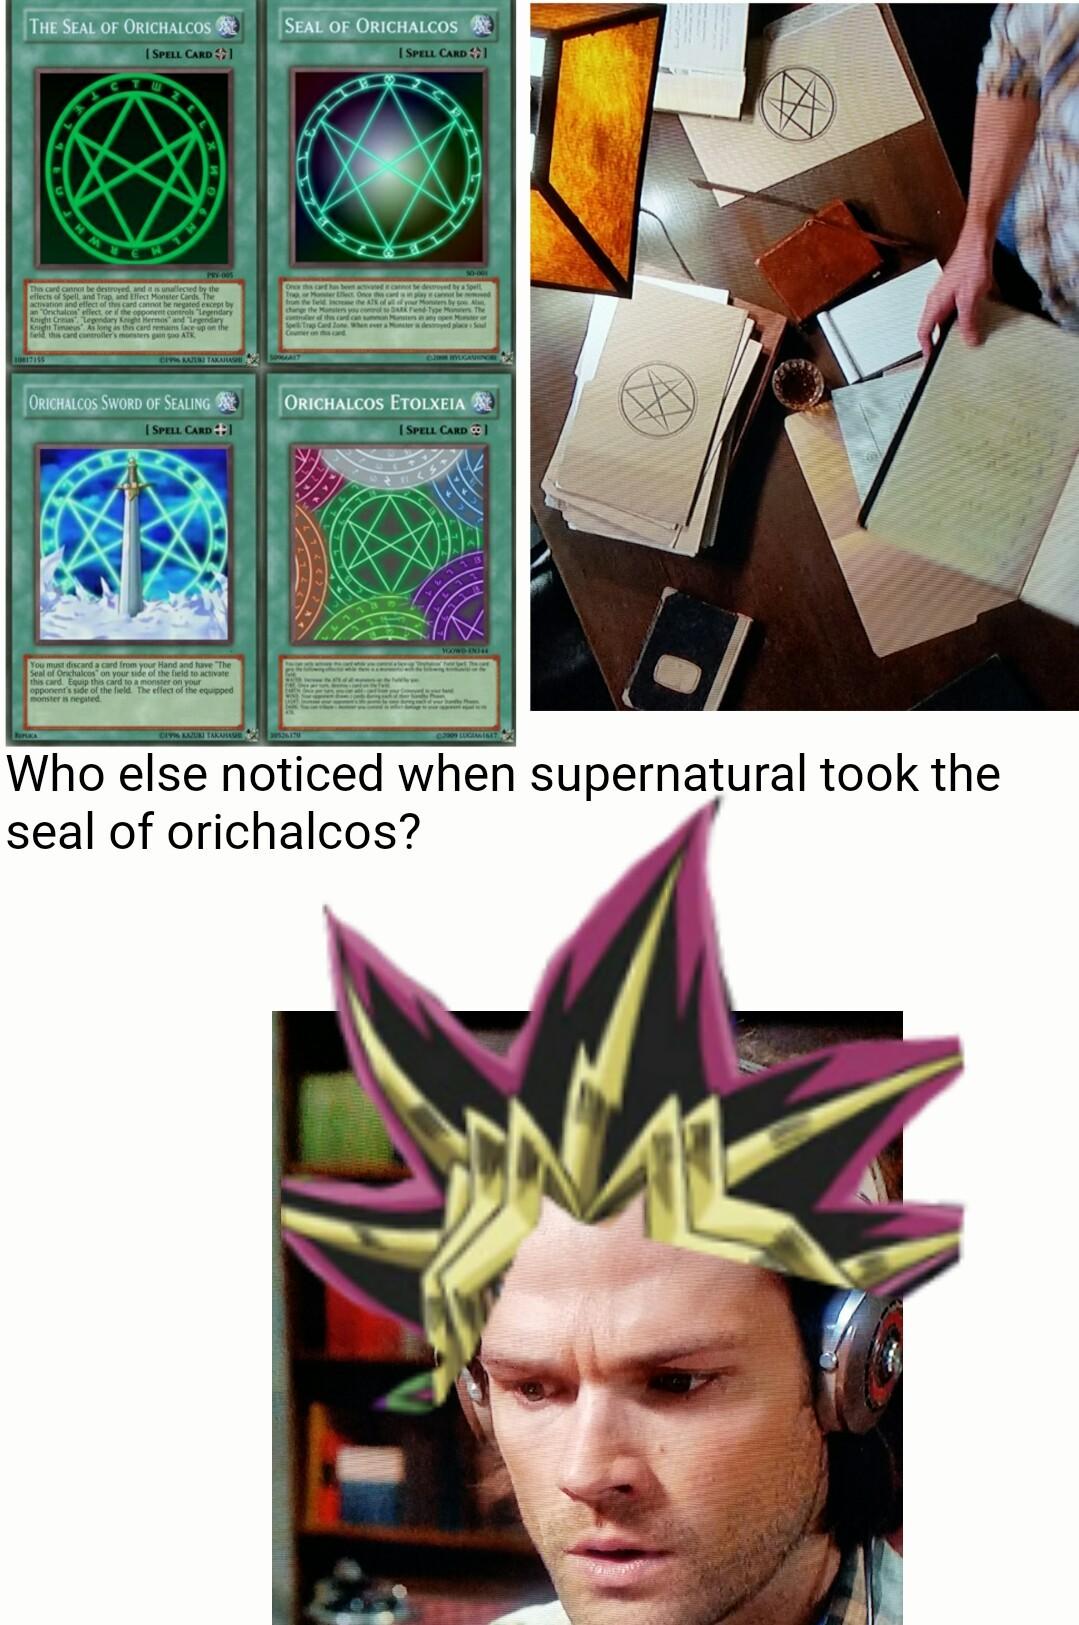 Herrt erv the cerrds - meme